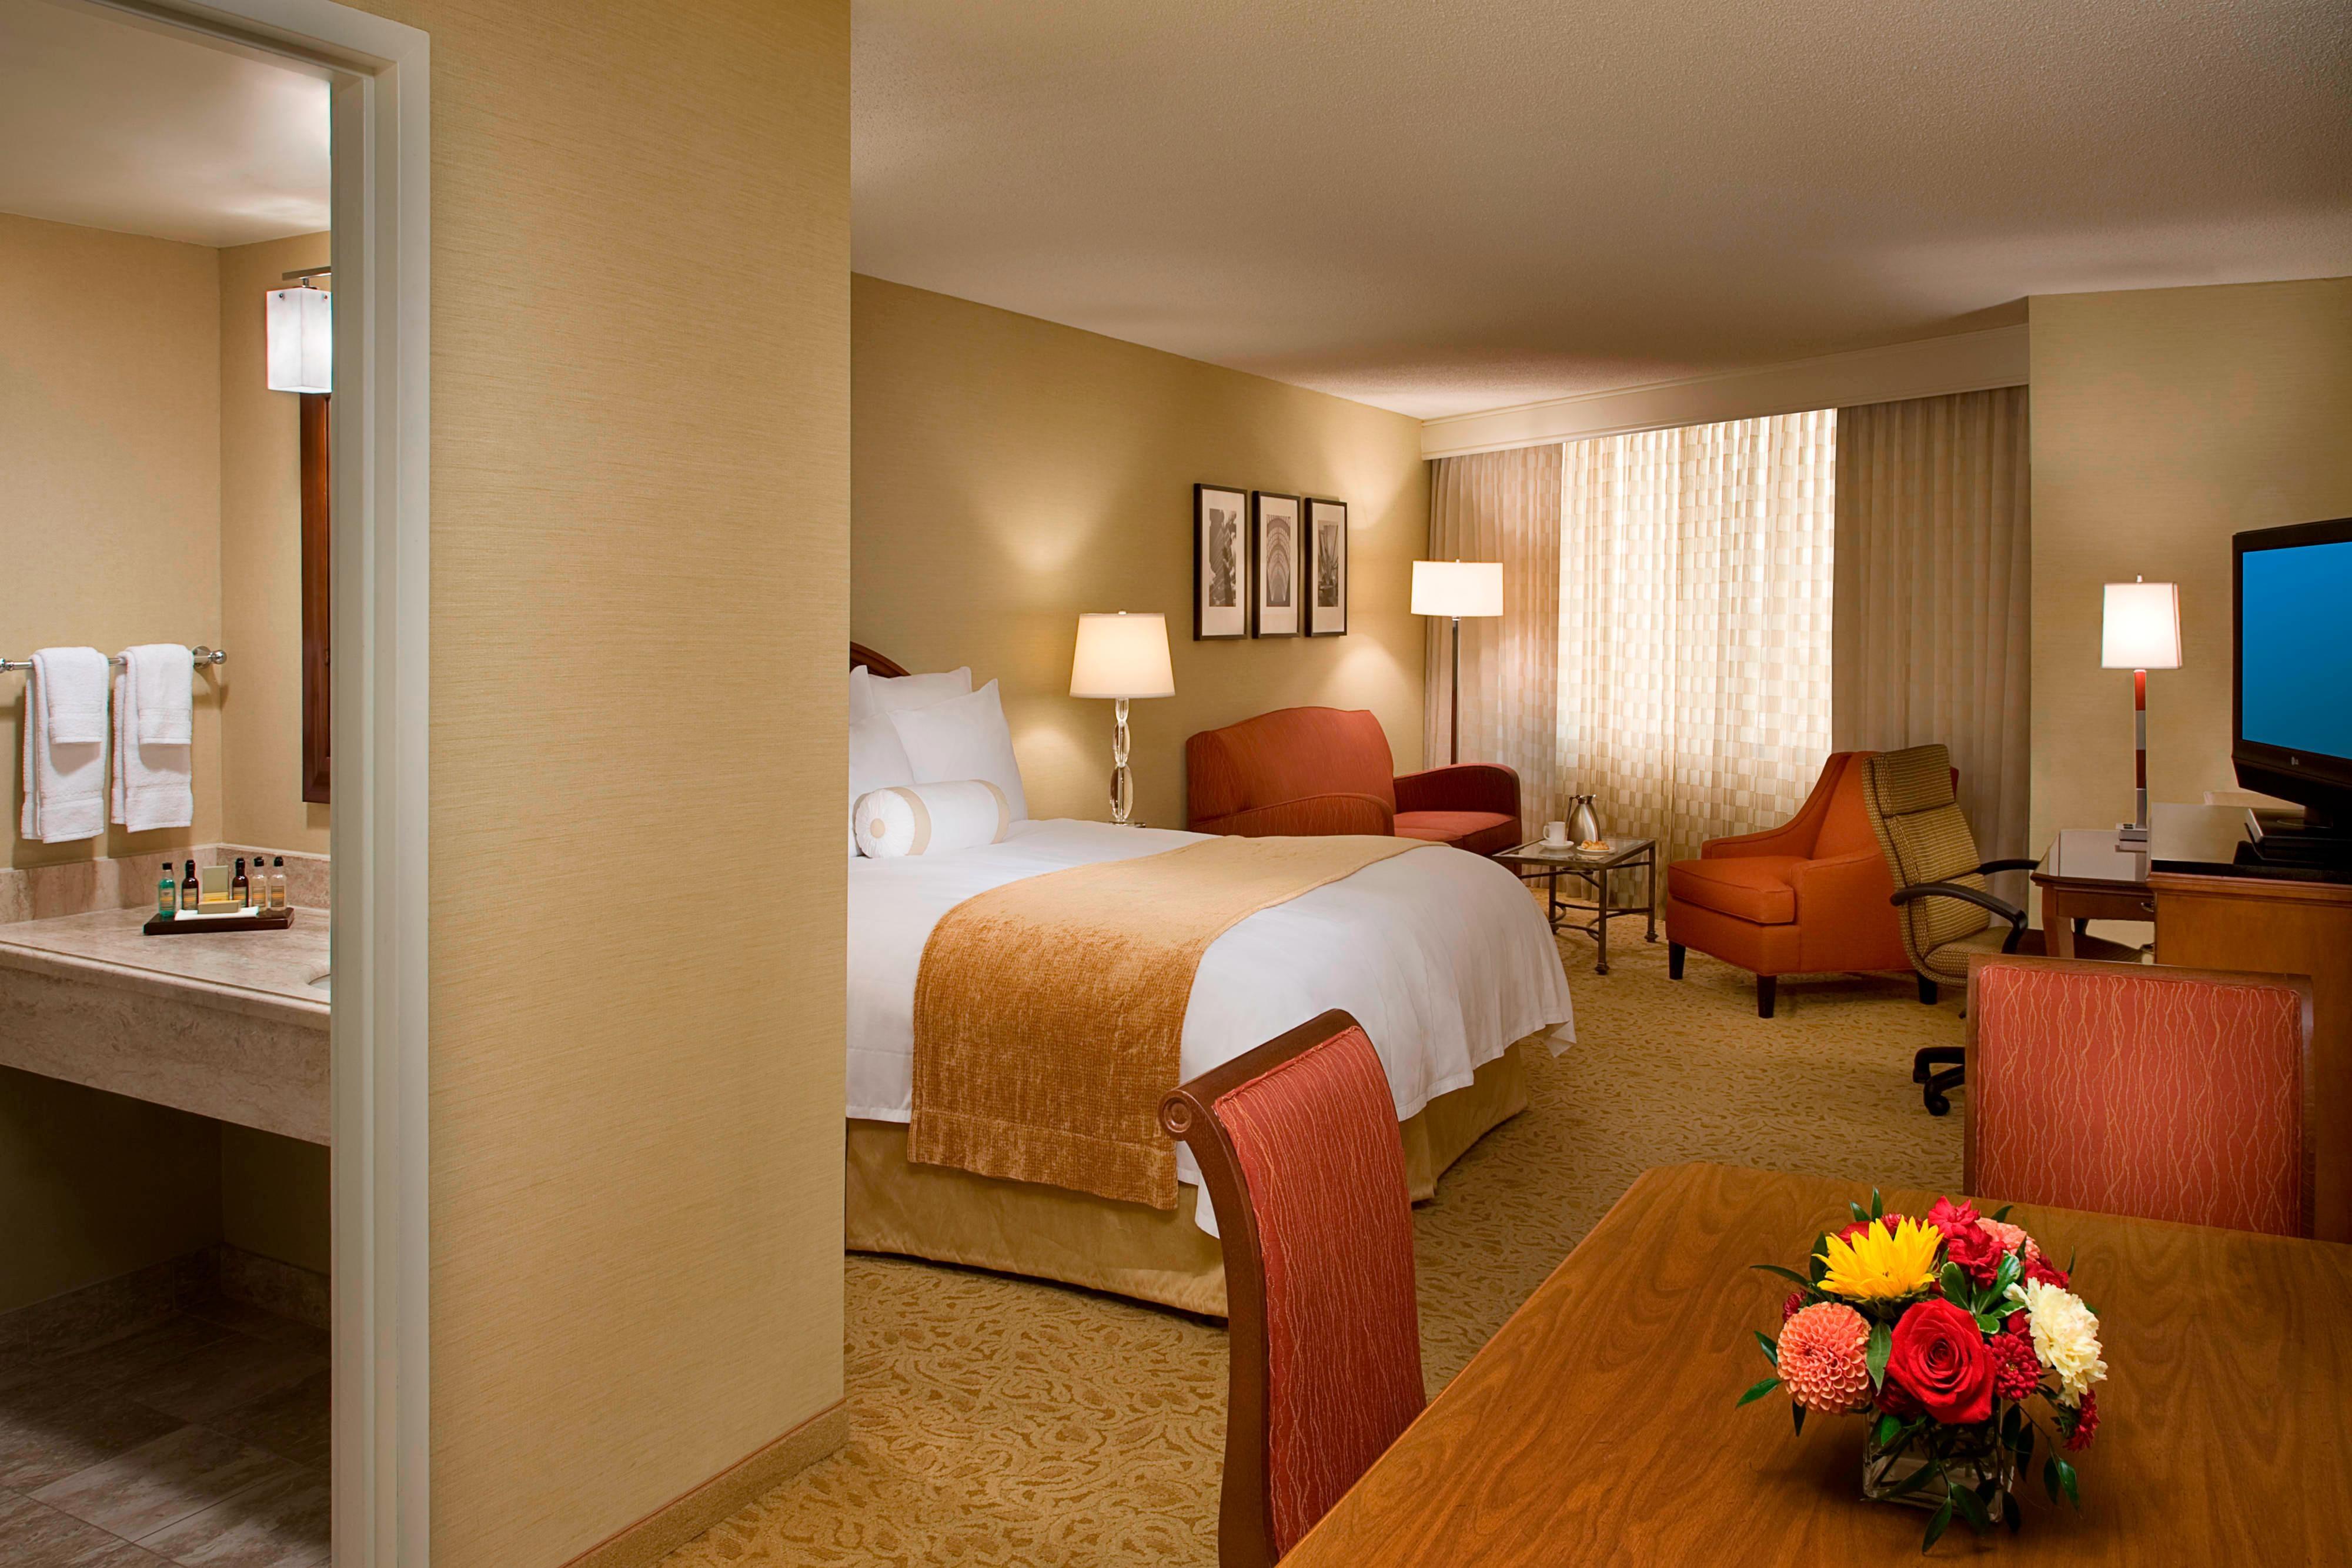 Chambre avec lit king size de l'hôtel d'aéroport de Toronto